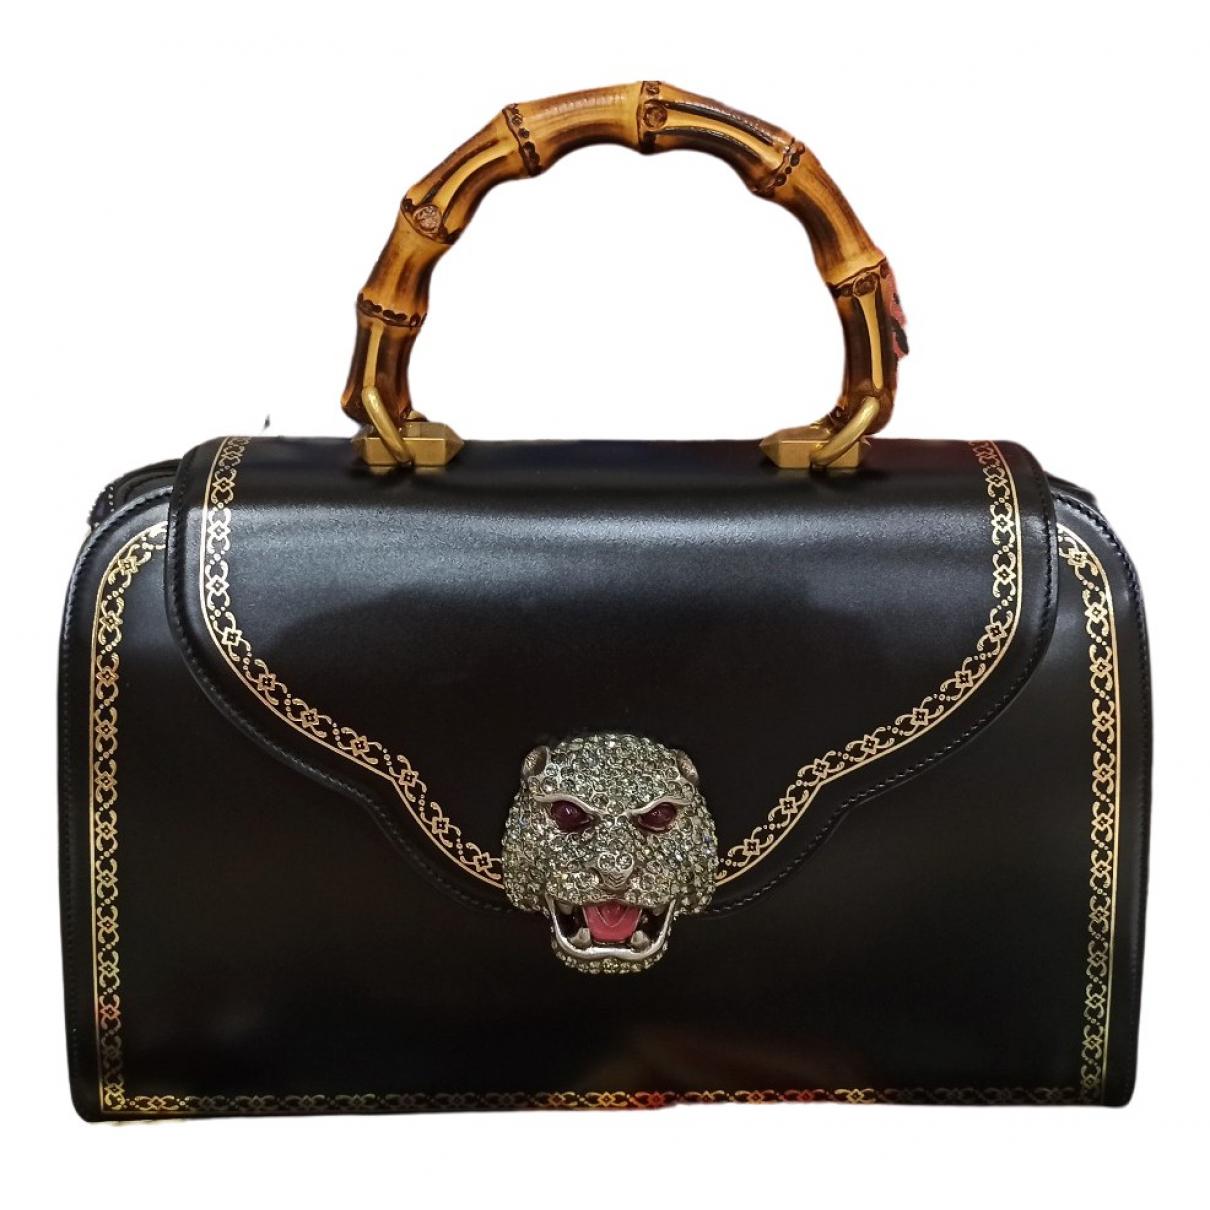 Gucci Animalier Handtasche in  Schwarz Leder